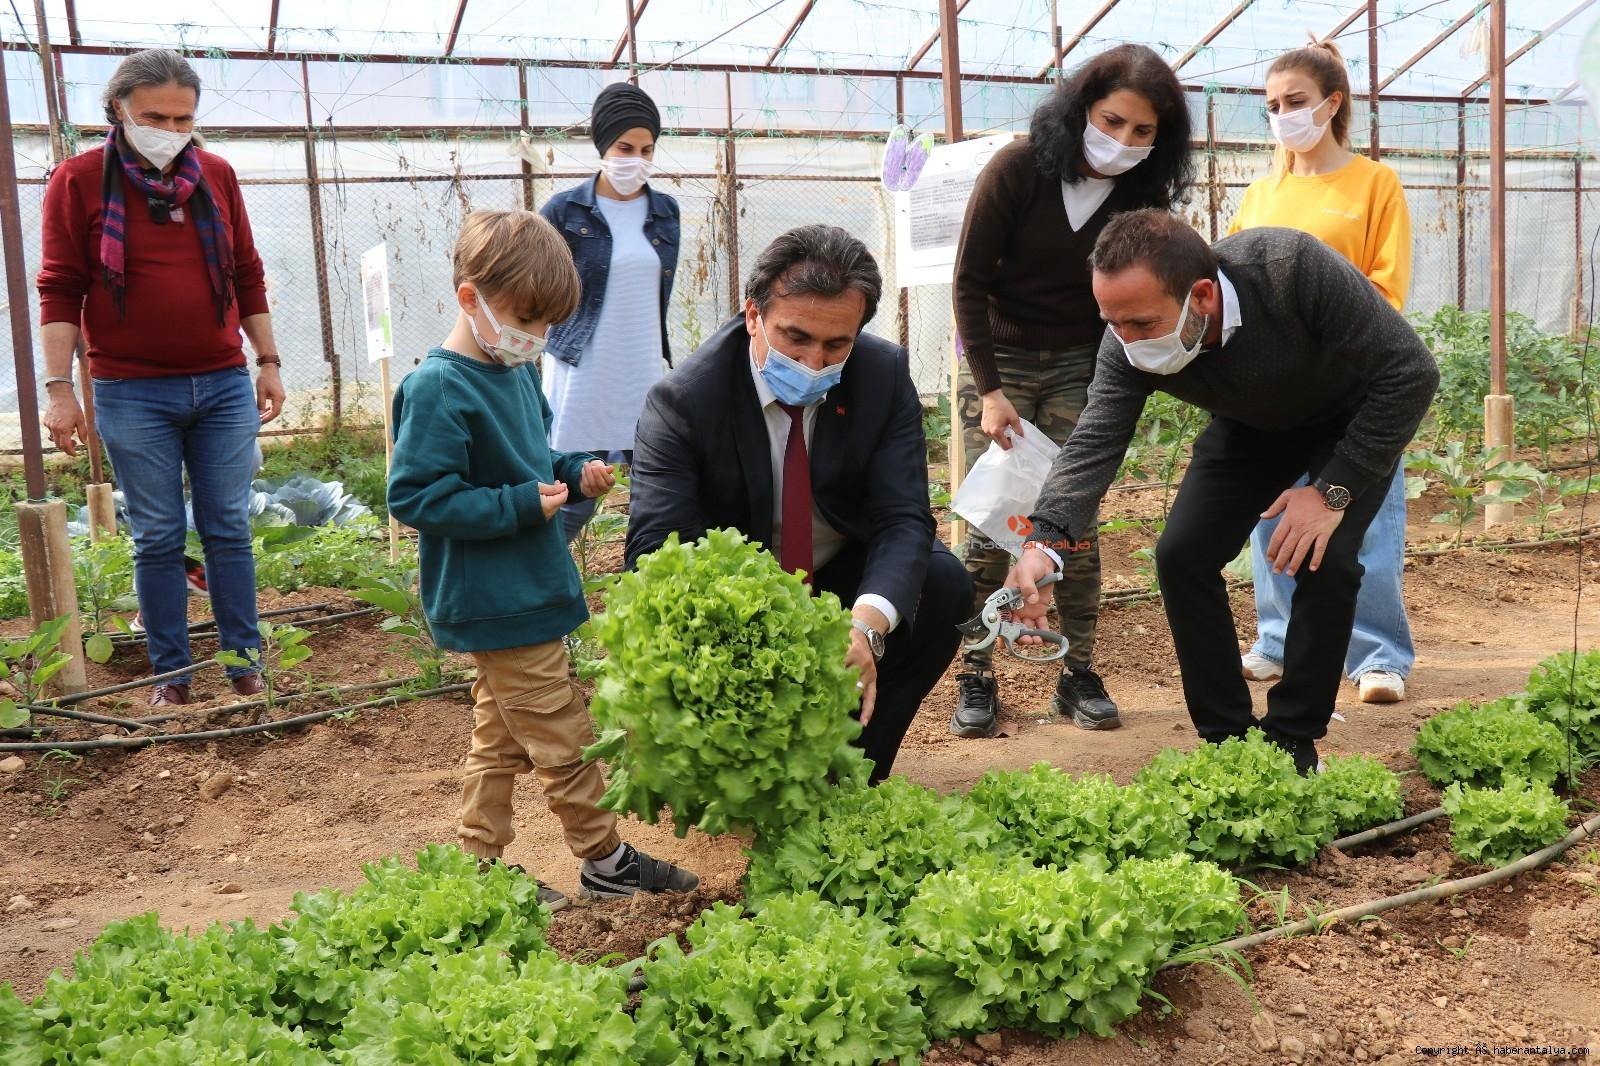 2021/04/minikler-serada-organik-sebze-yetistiriyor-20210415AW29-6.jpg